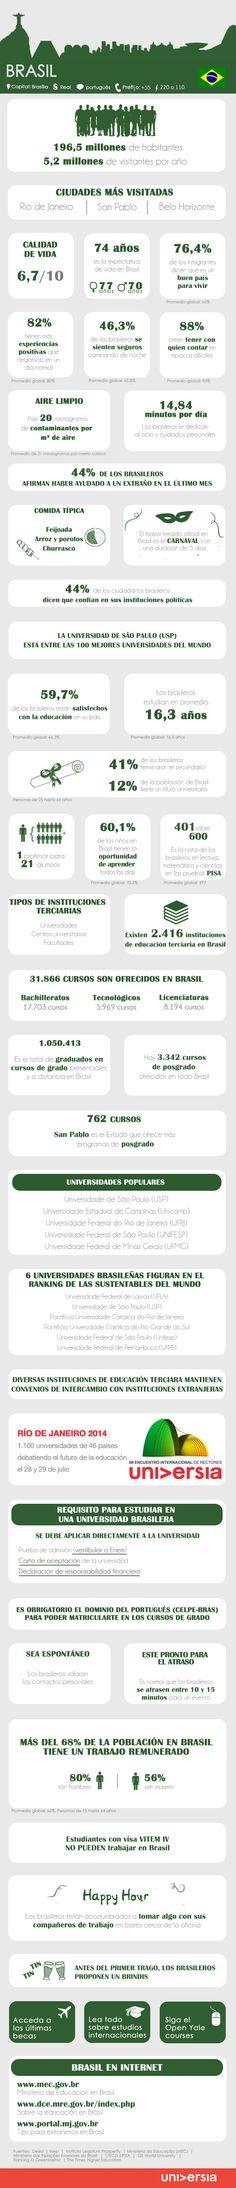 Infografía: 30 datos que cualquier estudiante o joven profesional debería saber antes de emprender un viaje a Brasil vía: http://noticias.universia.hn/